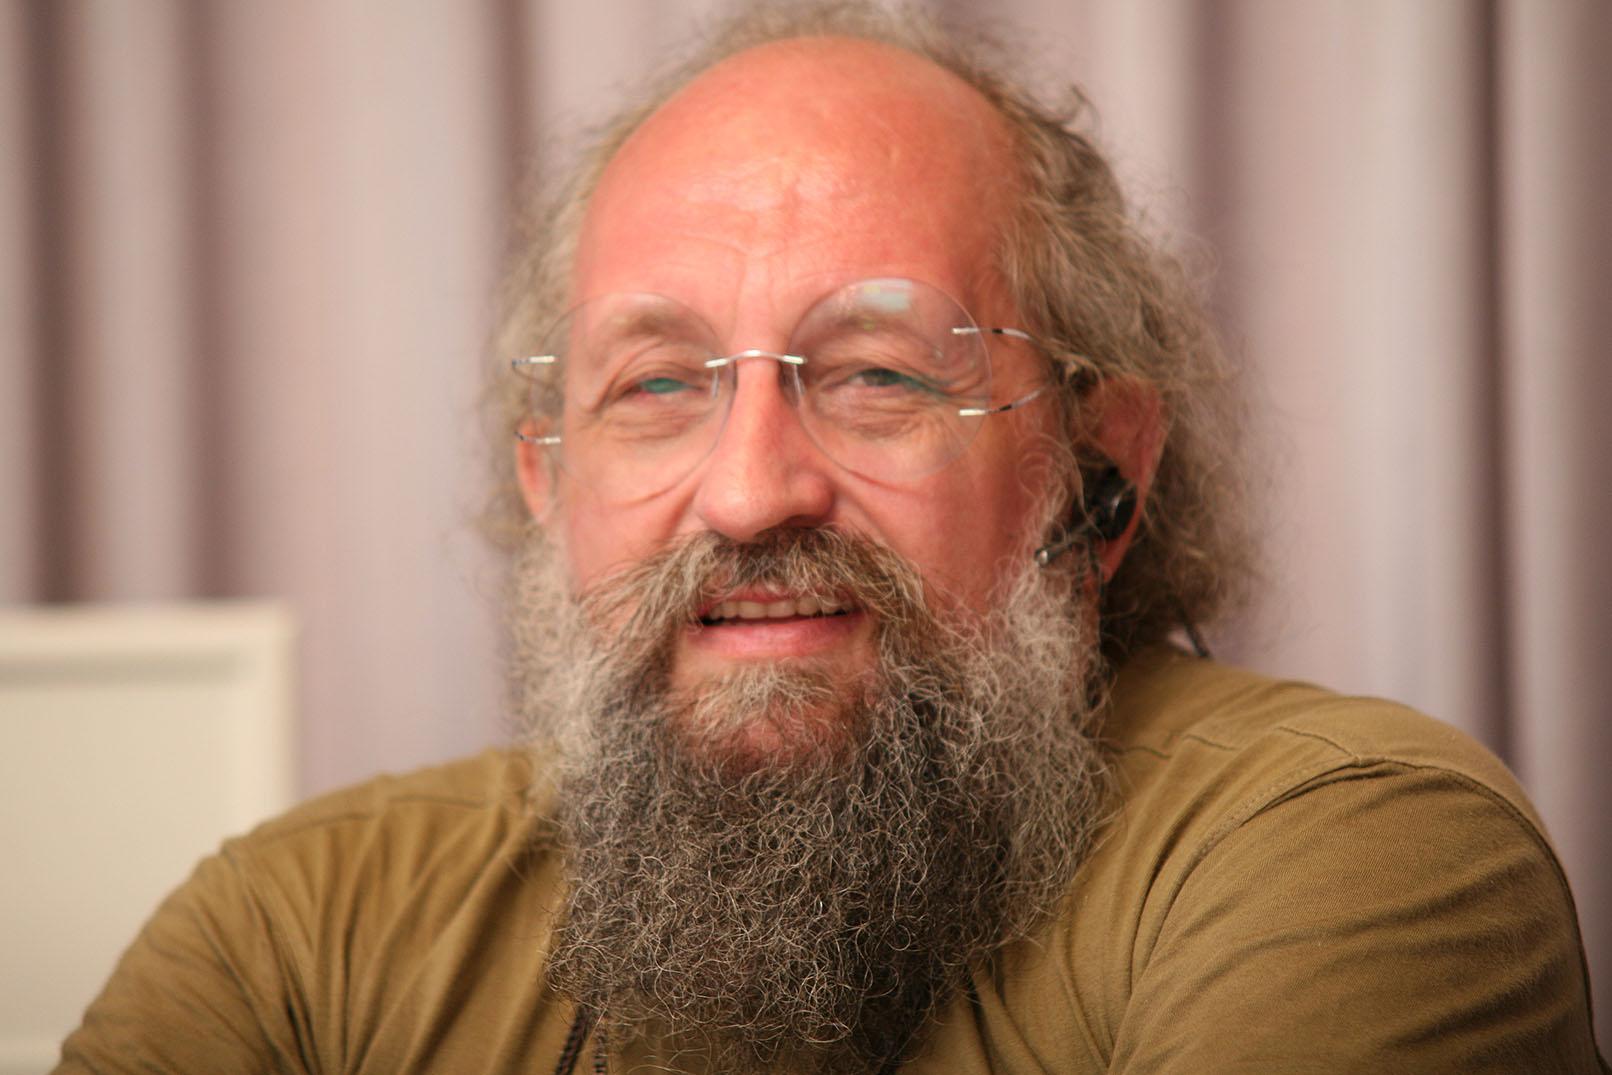 Анатолий Вассерман: «Власть и бизнес занимаются оглуплением граждан»